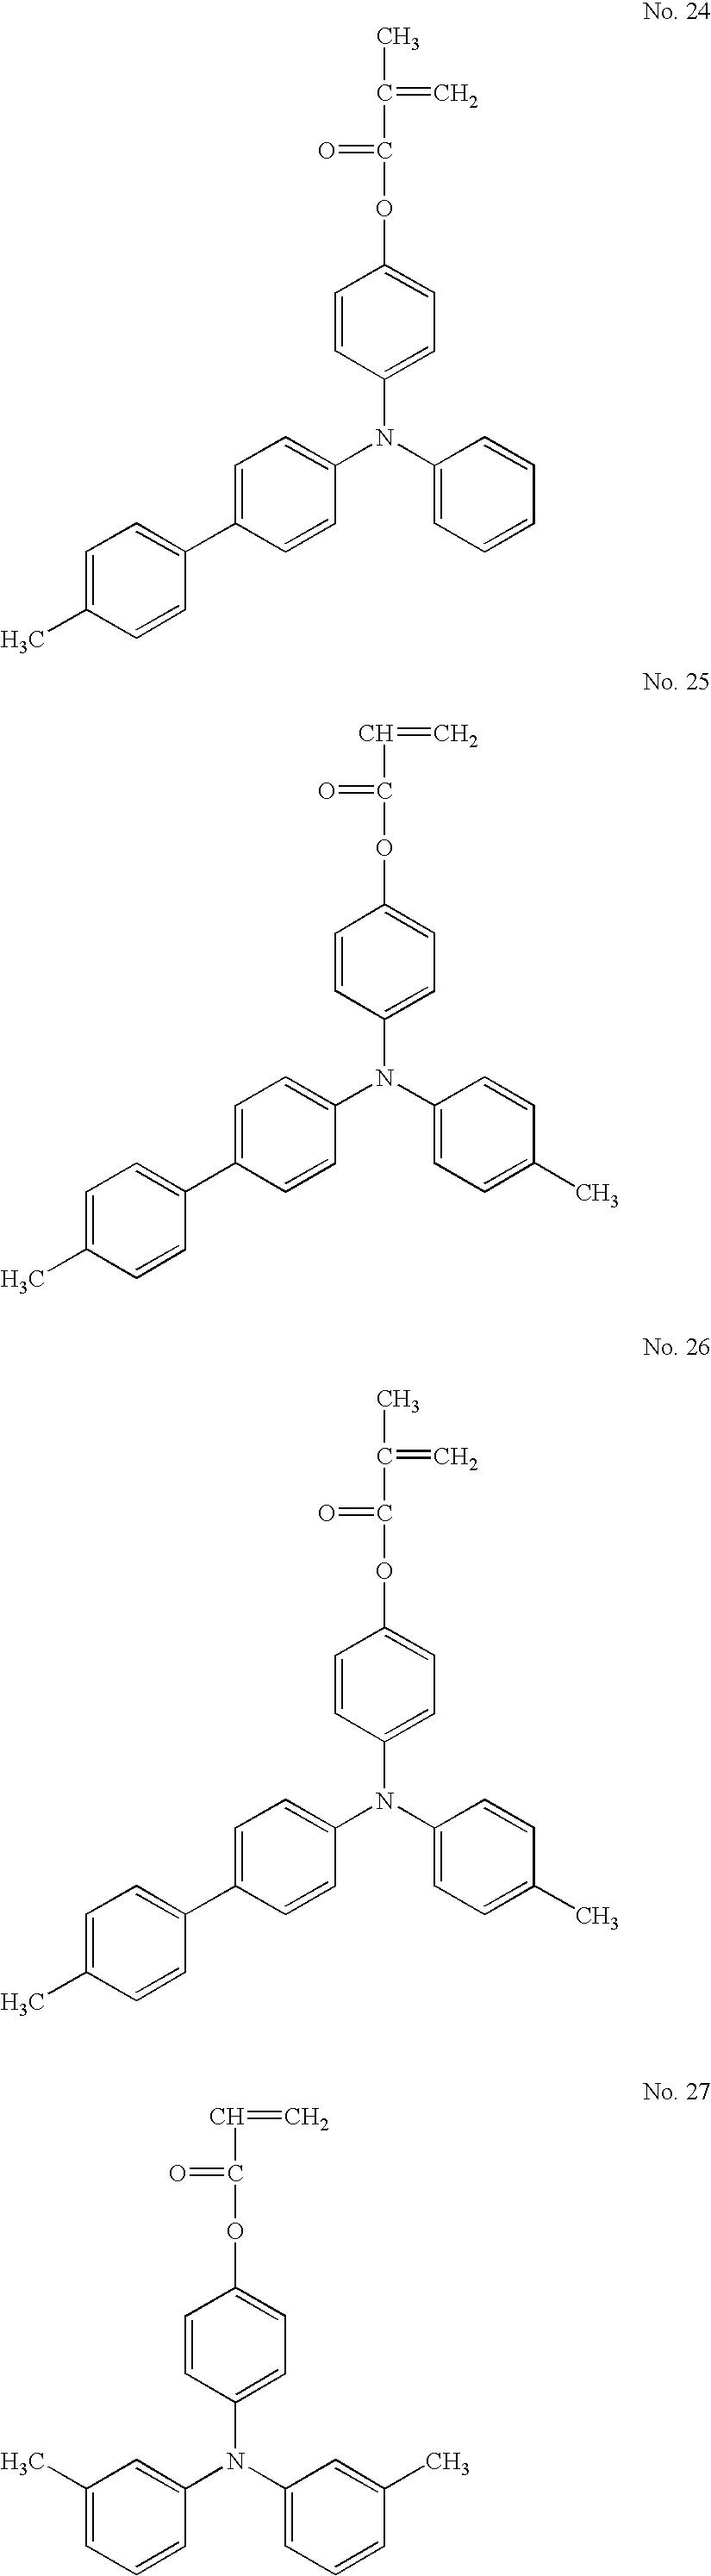 Figure US07824830-20101102-C00025